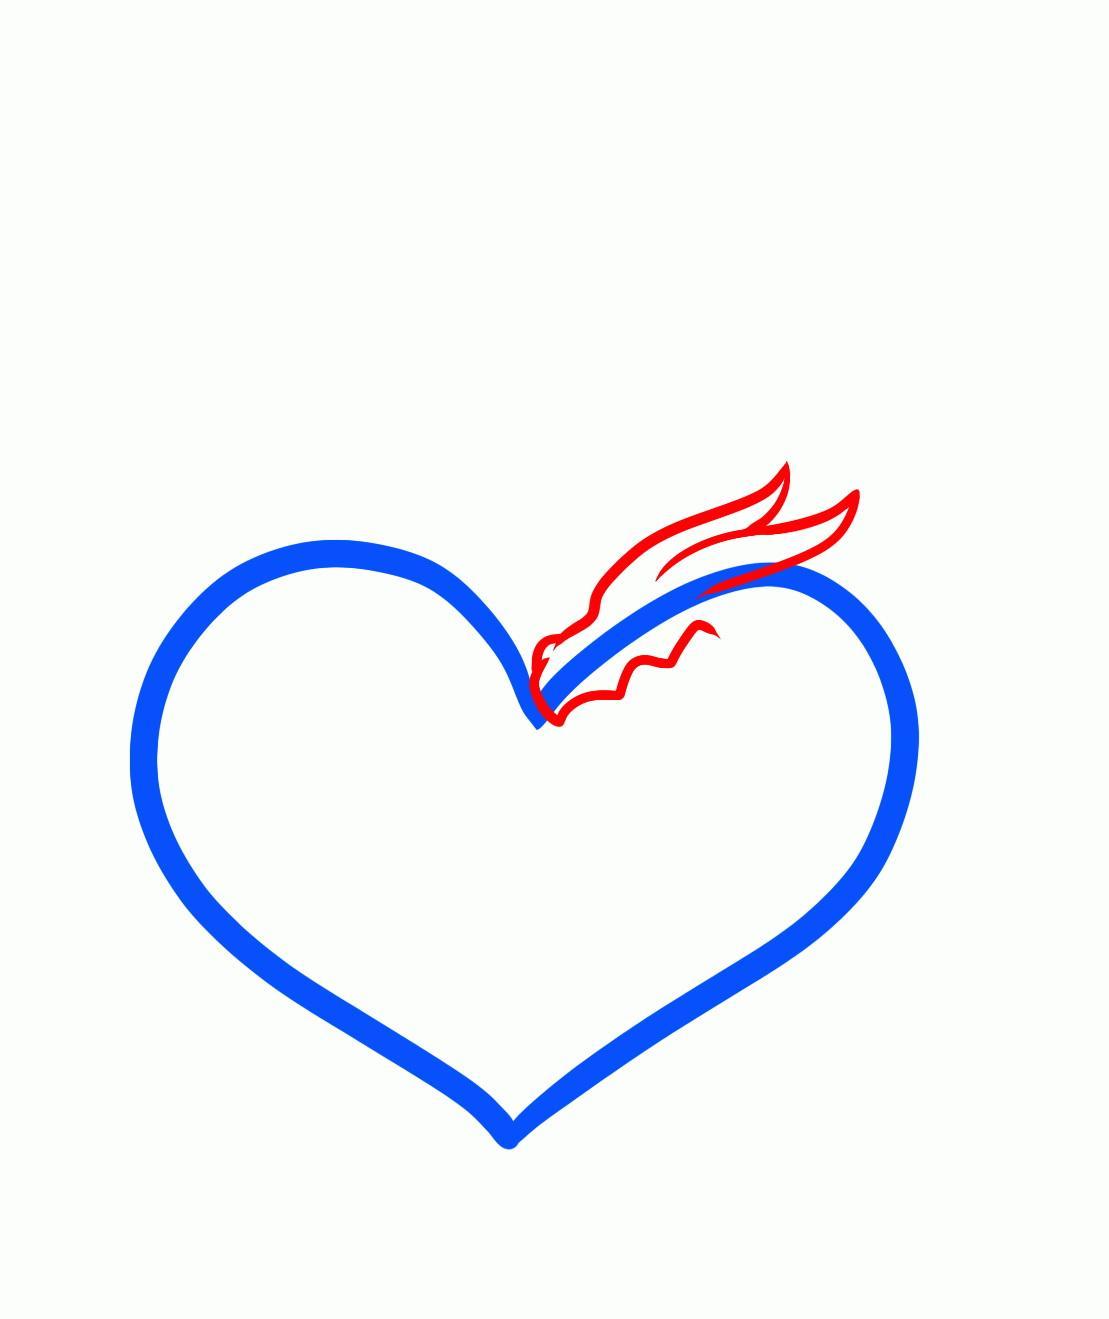 Сердце картинки нарисовать